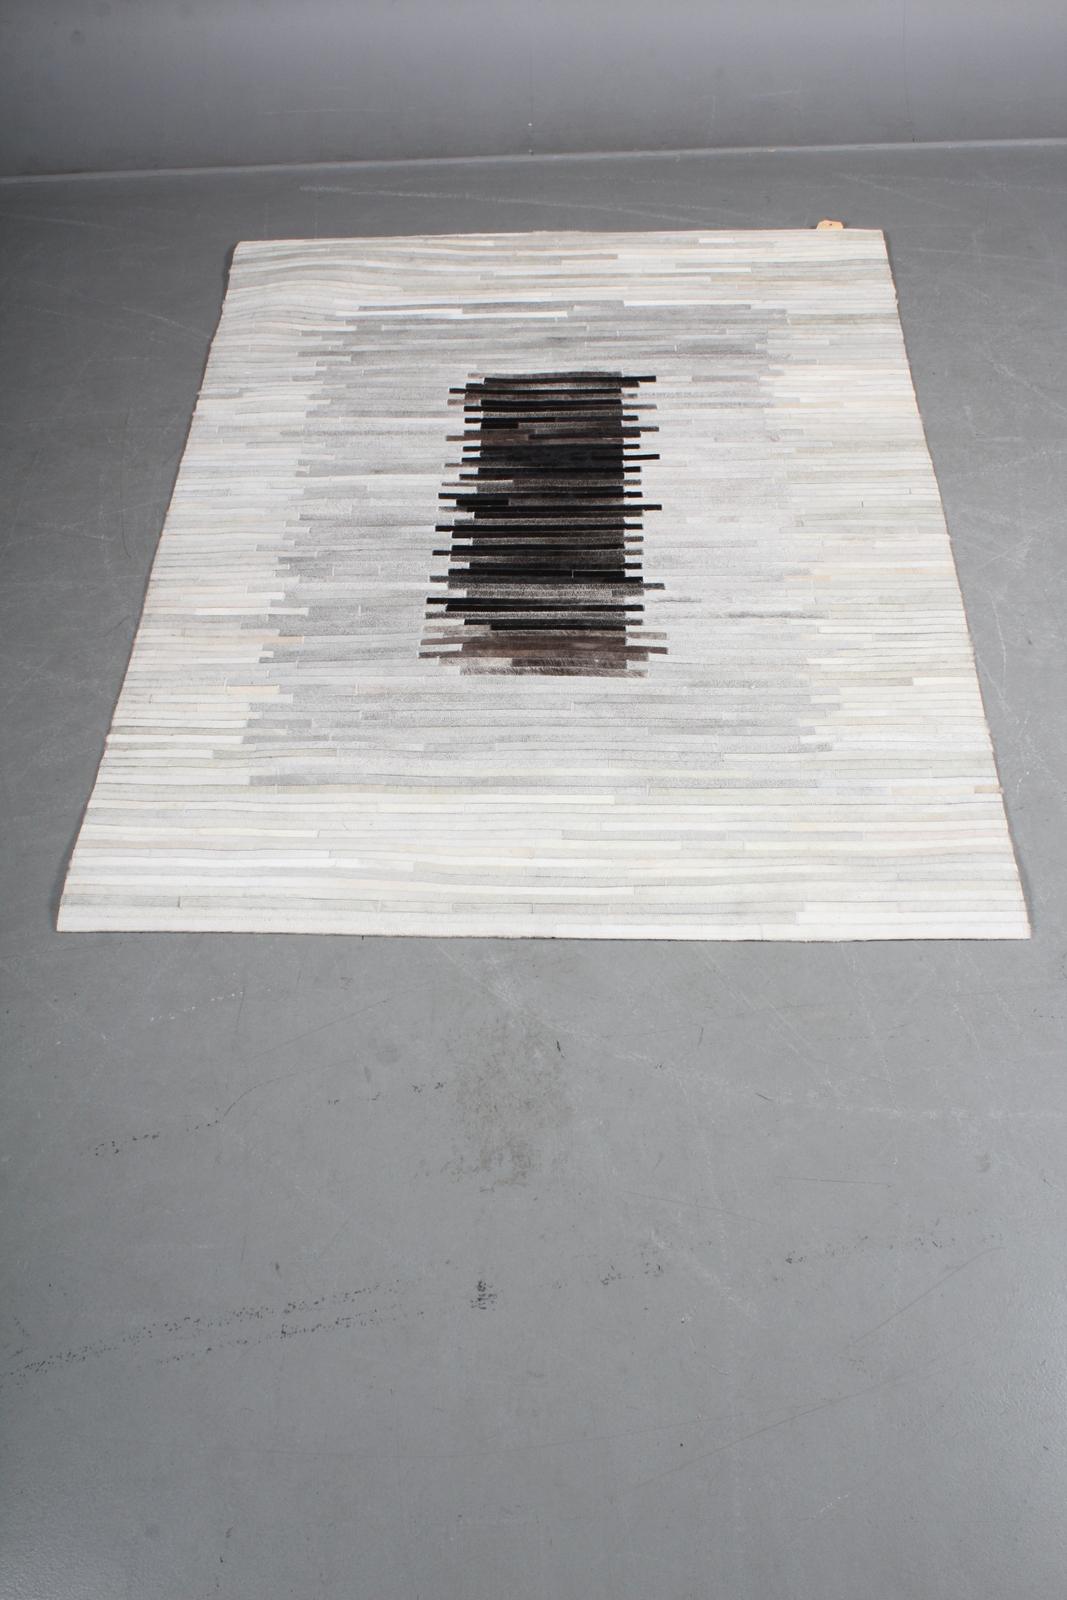 Koskindstæppe. Patchwork, 214 x 156 cm - Koskind. Rustikt patchwork tæppe af brasiliansk koskind. Håndlavet i Indien. Mål: 214 x 156 cm